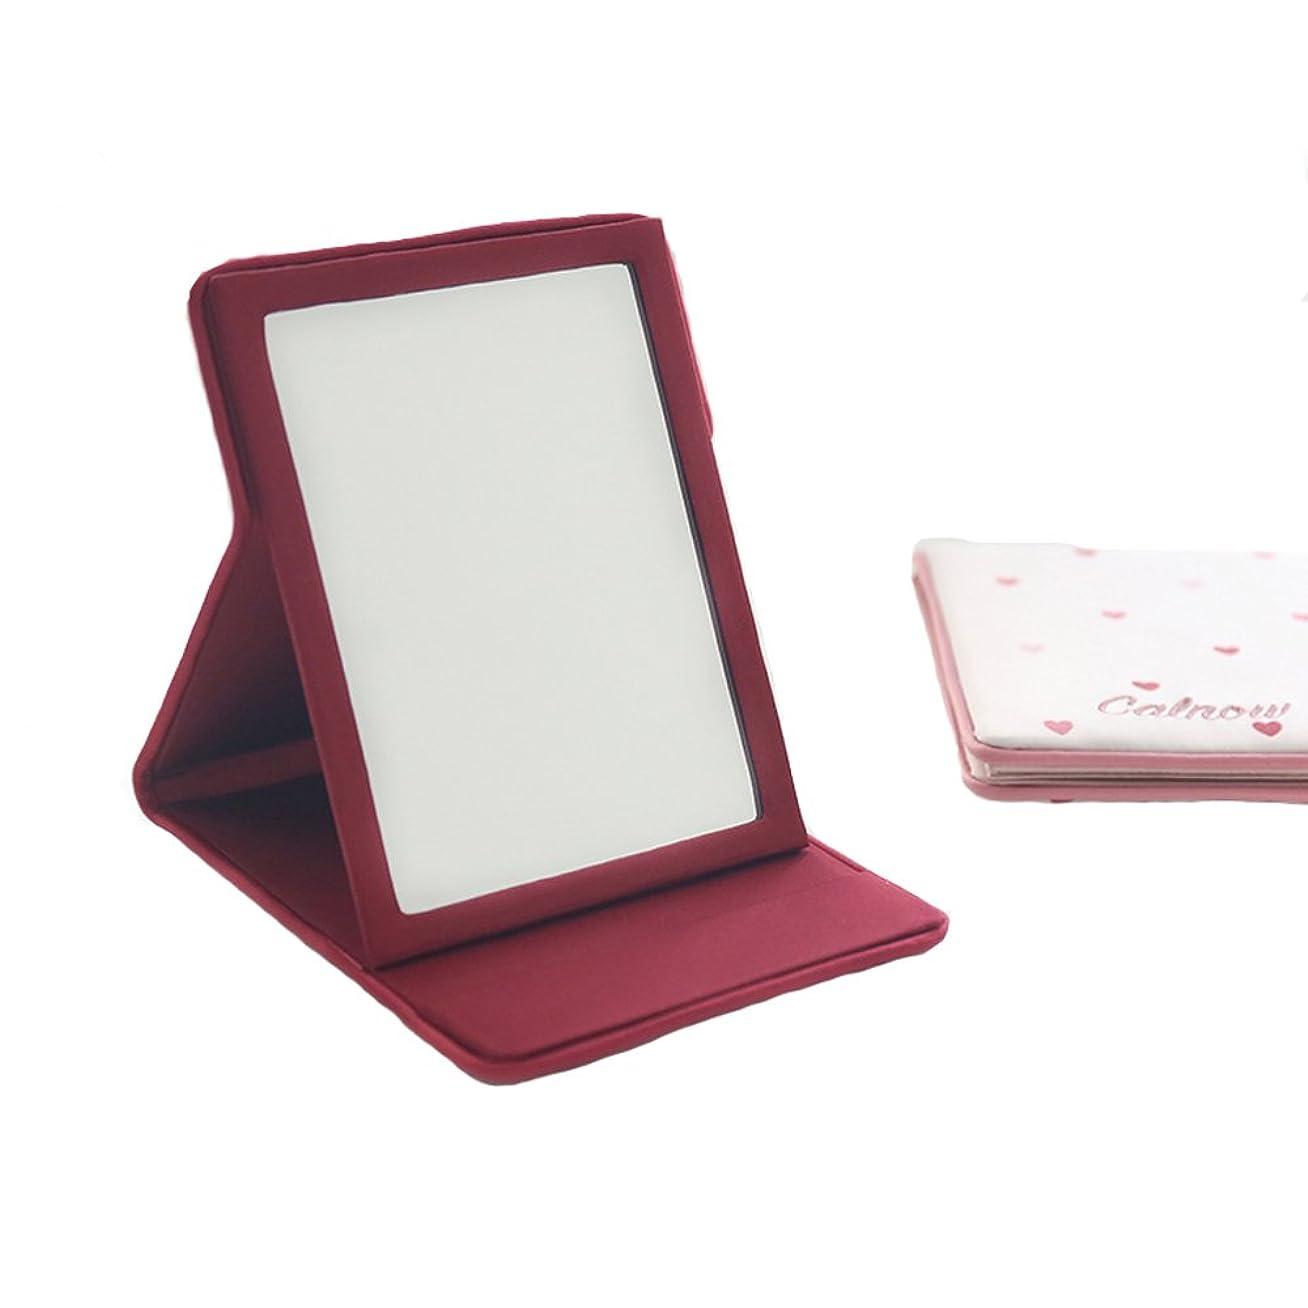 もちろんホームスラッシュMYOMYO化粧鏡 卓上ミラー 卓上スタンドミラー 折りたたみミラー 旅行鏡 旅行適用 (ワイン)